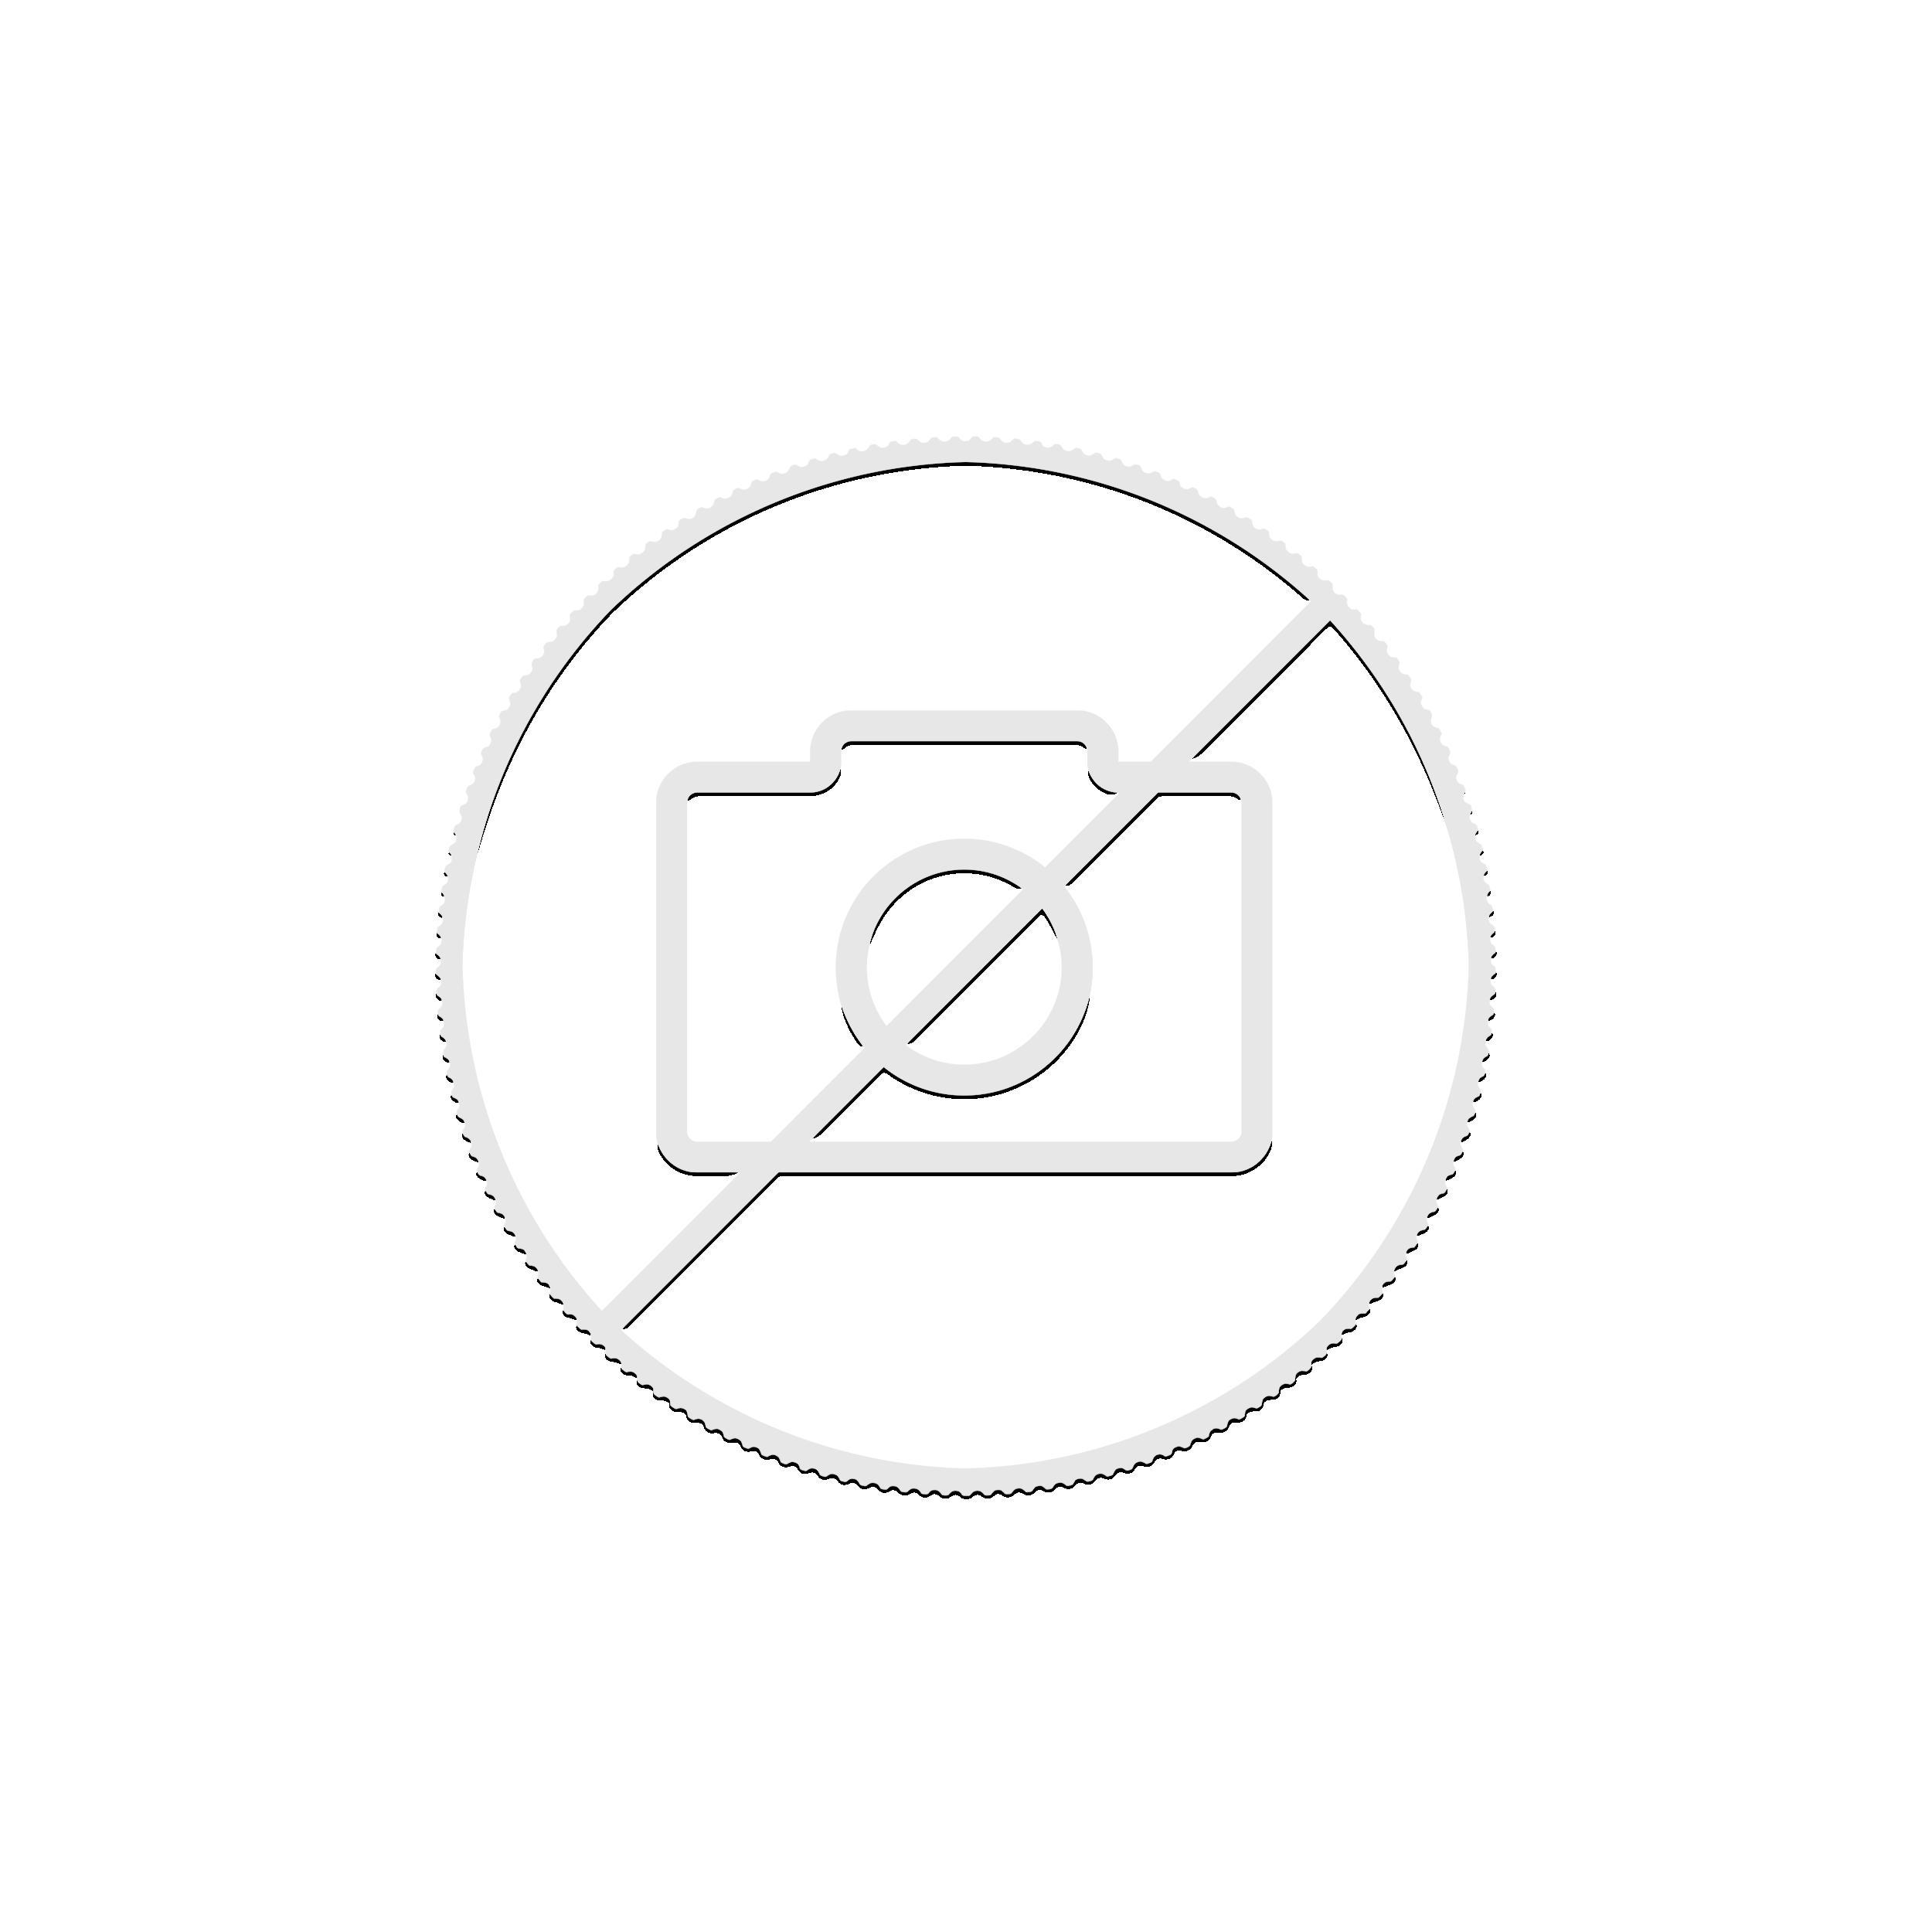 1 troy ounce silver coin Britannia 2020